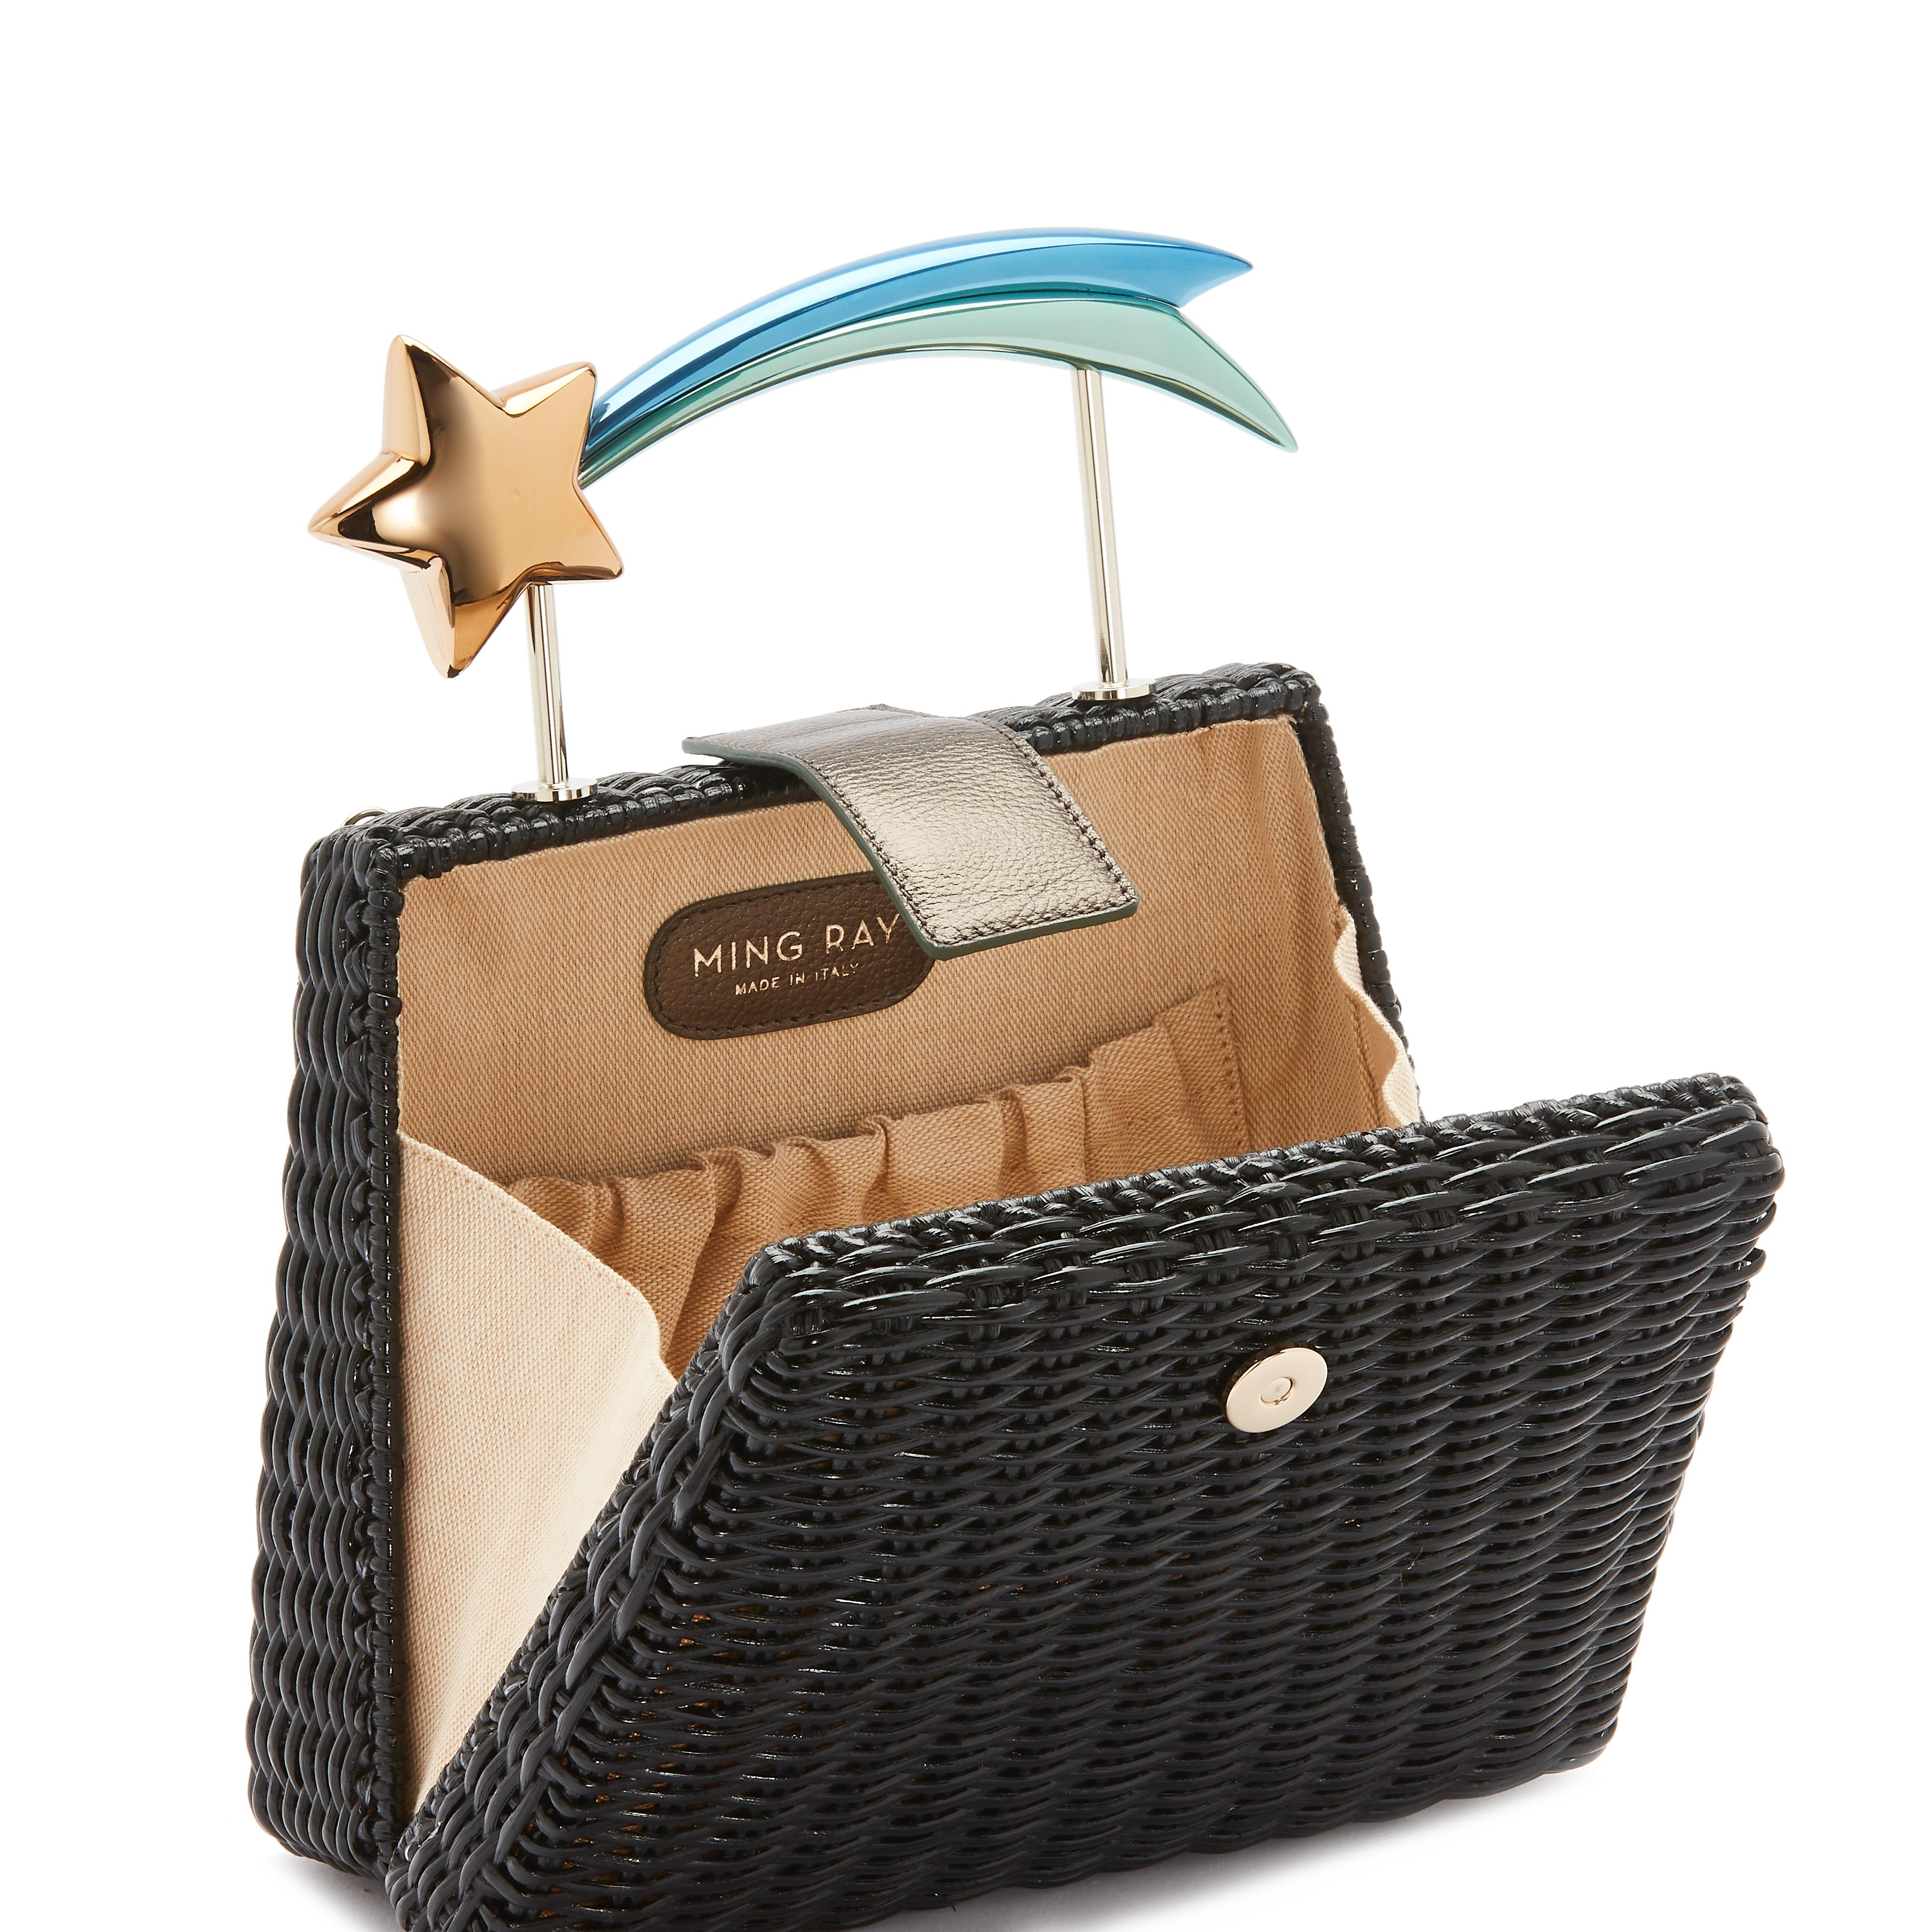 ming ray   Bag   LYRAPINK BLACK